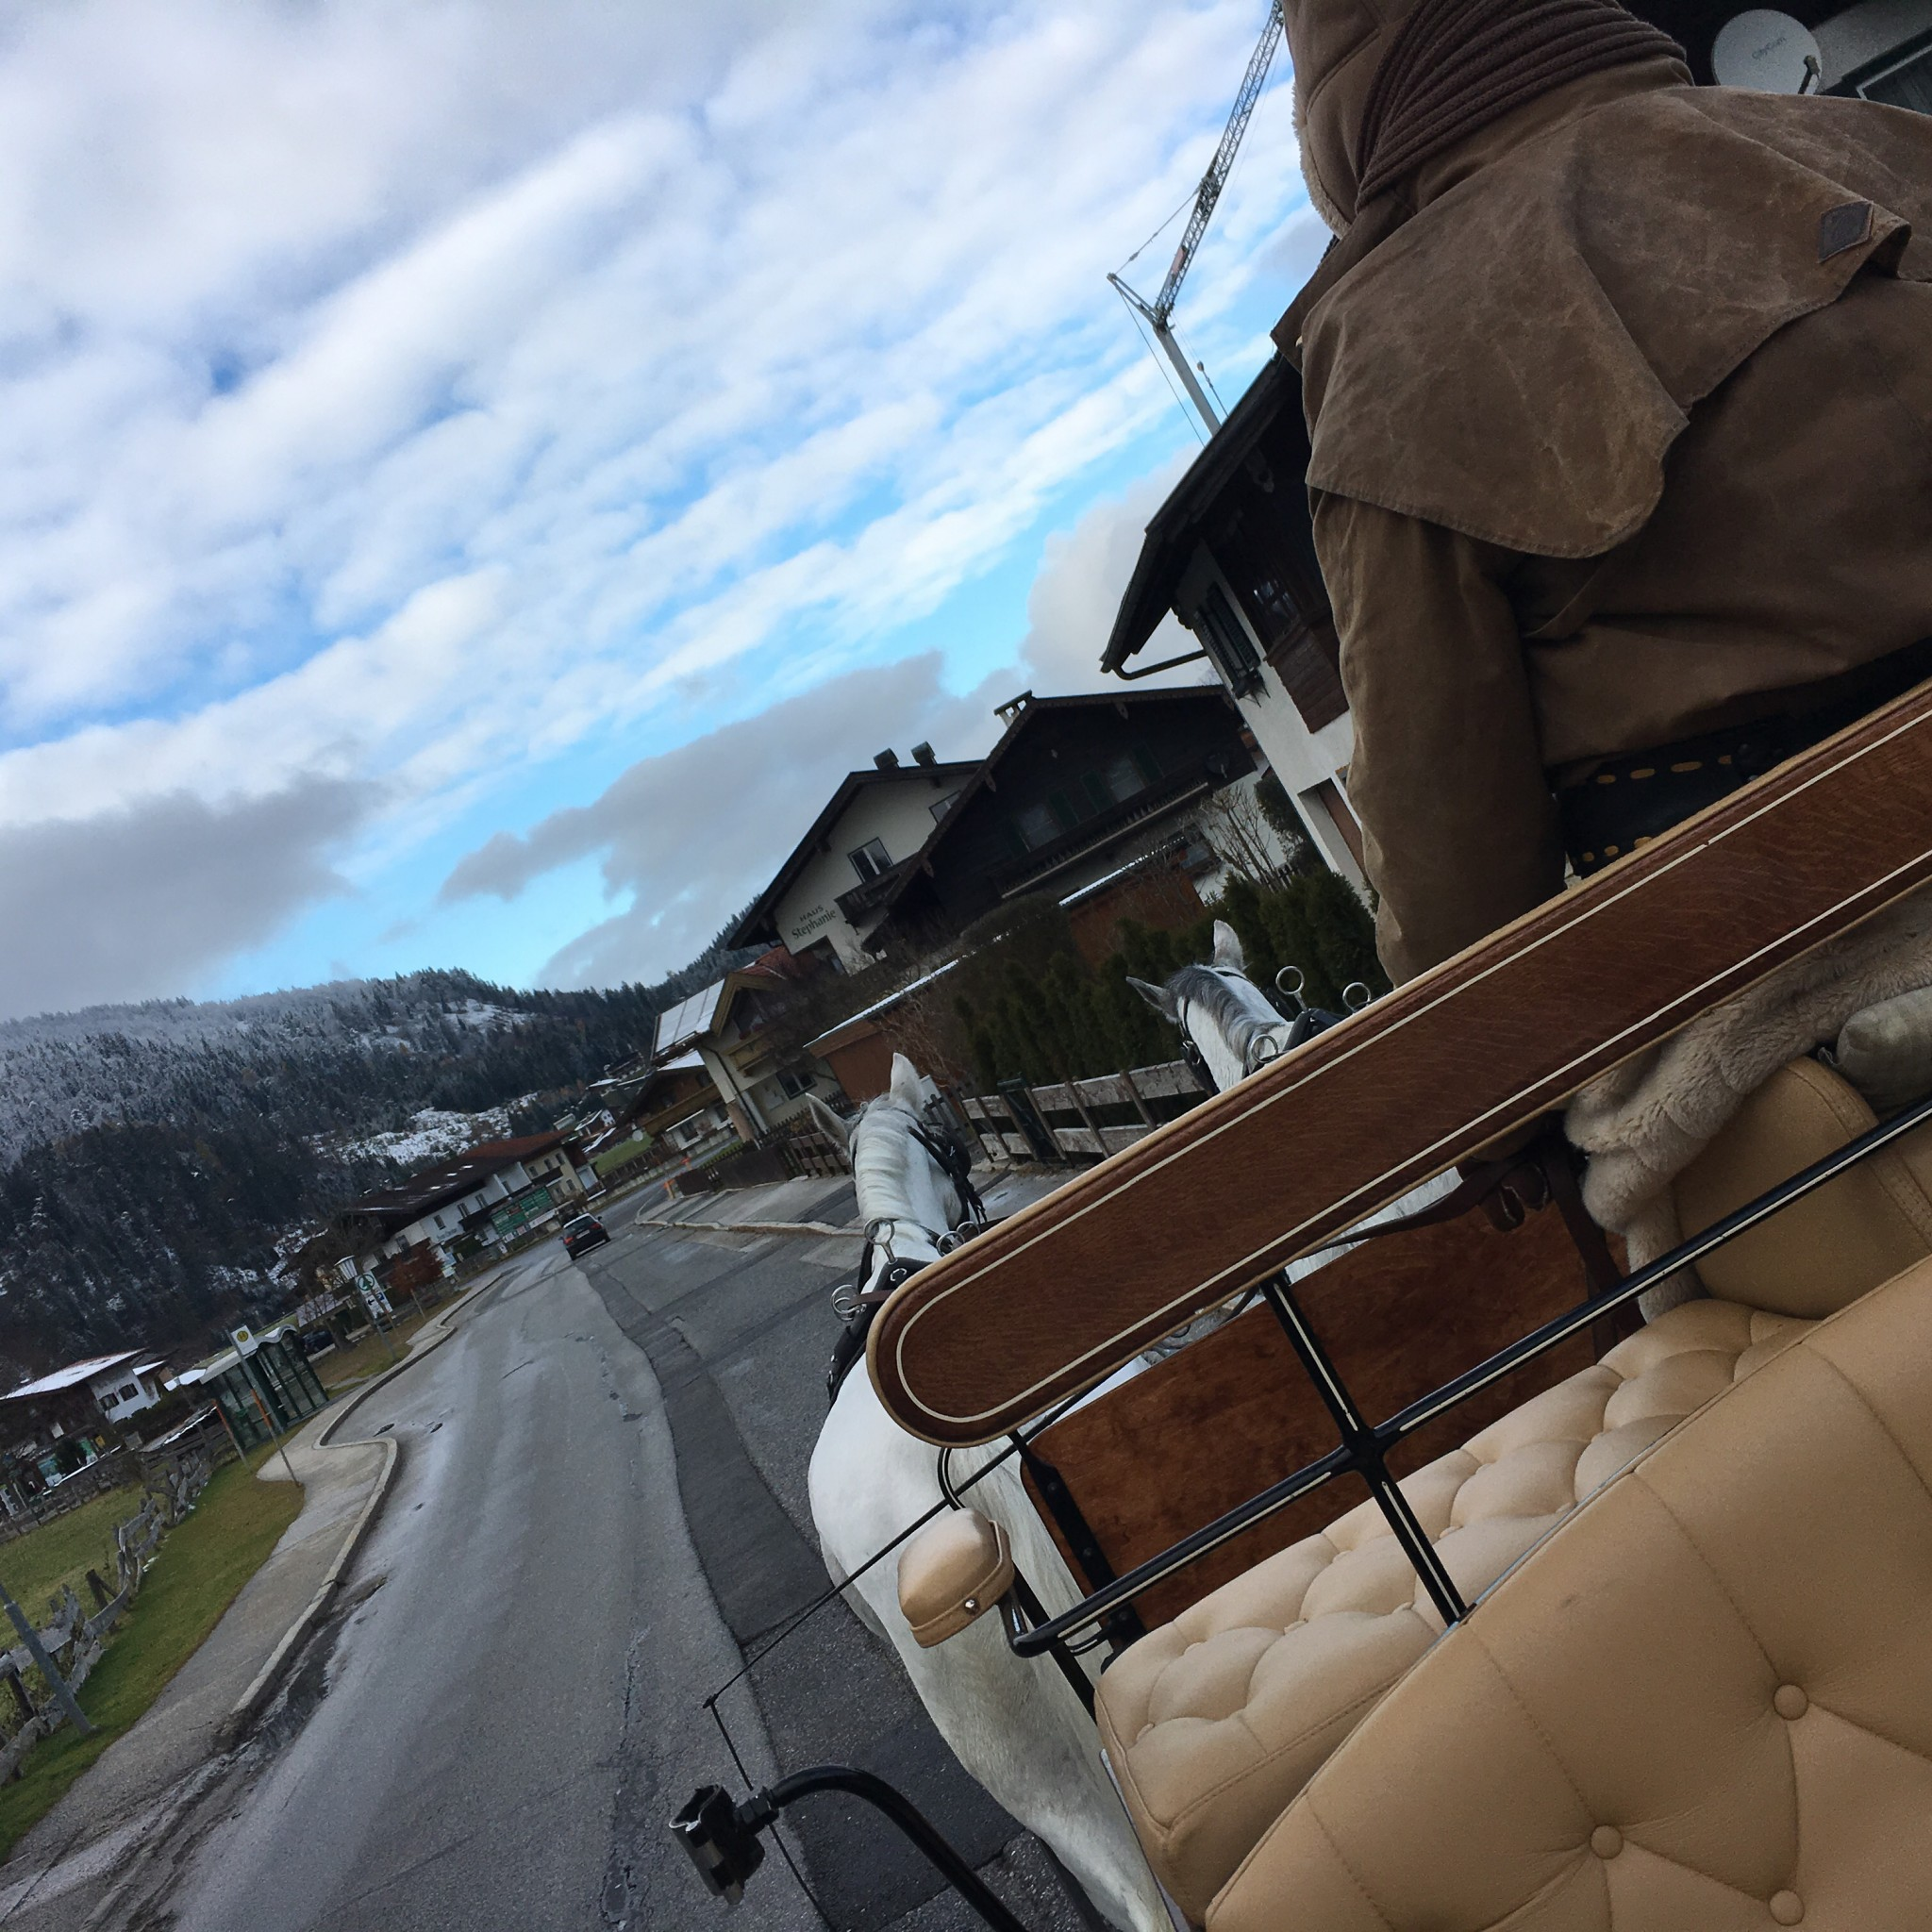 Bewertung-Posthotel-Achenkirch-Wochenplan-Booking-Bericht-Posthotel-Achenkirch-Bewertung